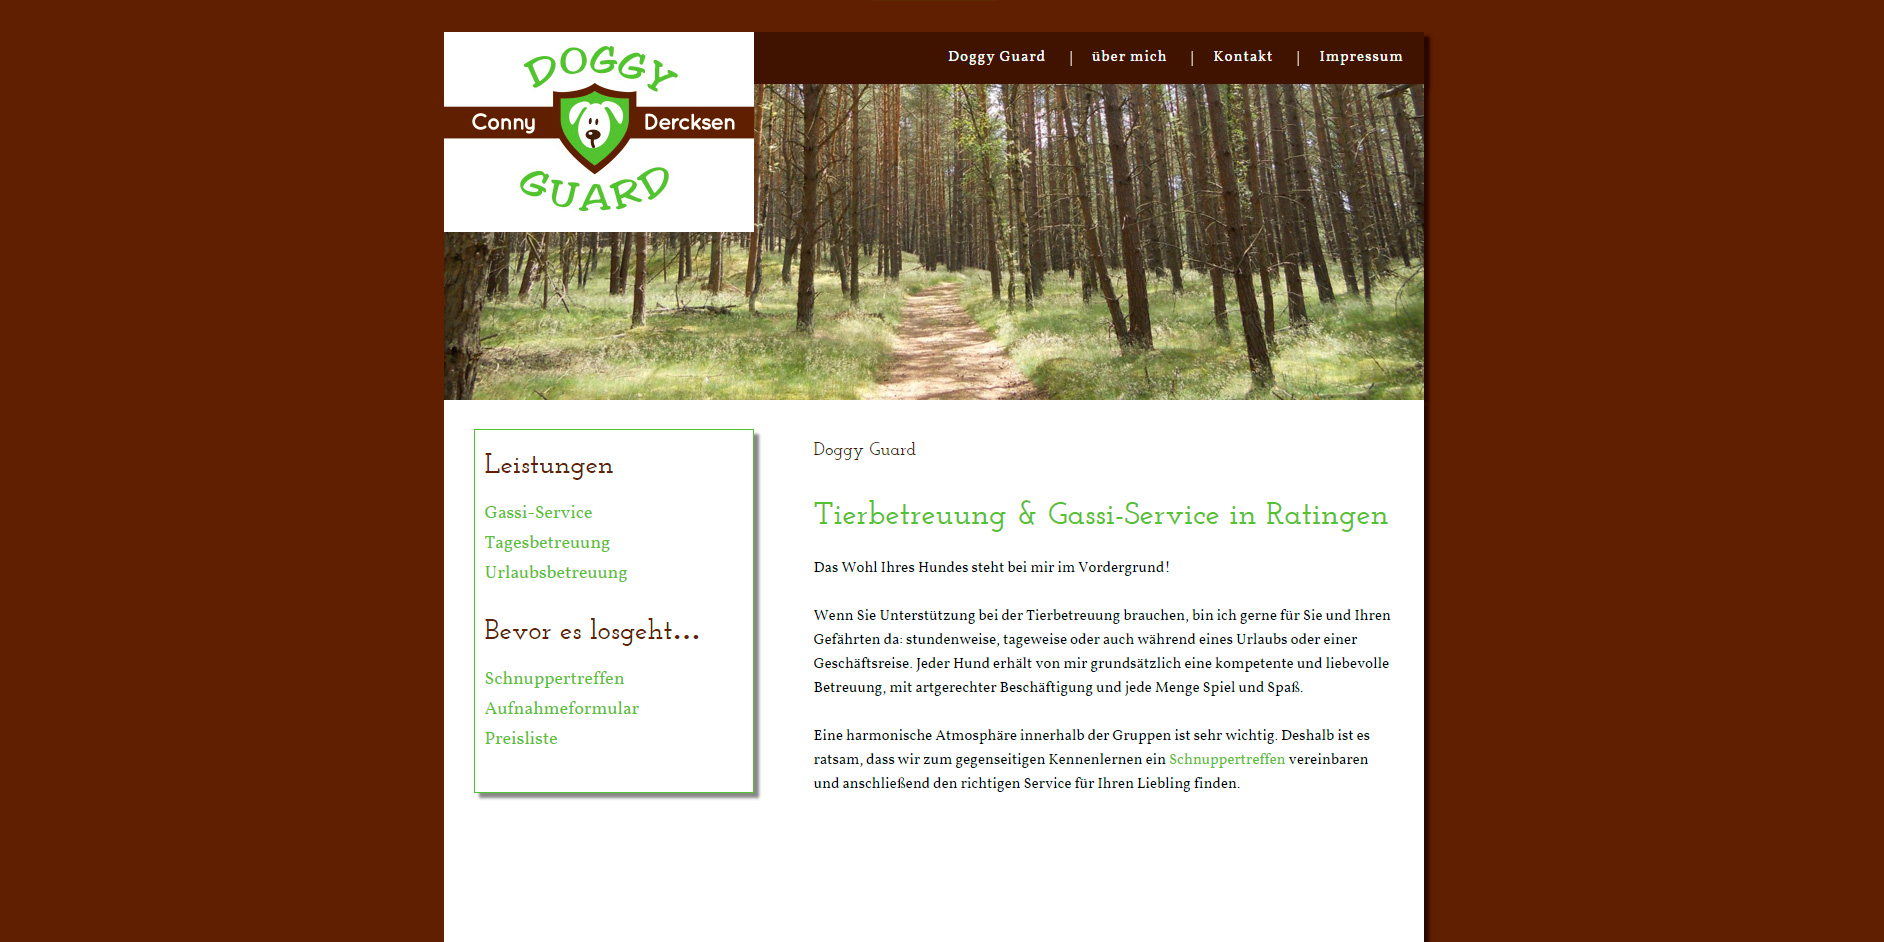 """Internetseite für die Hundebetreuung """"Doggyguard"""" von Conny Dercksen in Ratingen."""